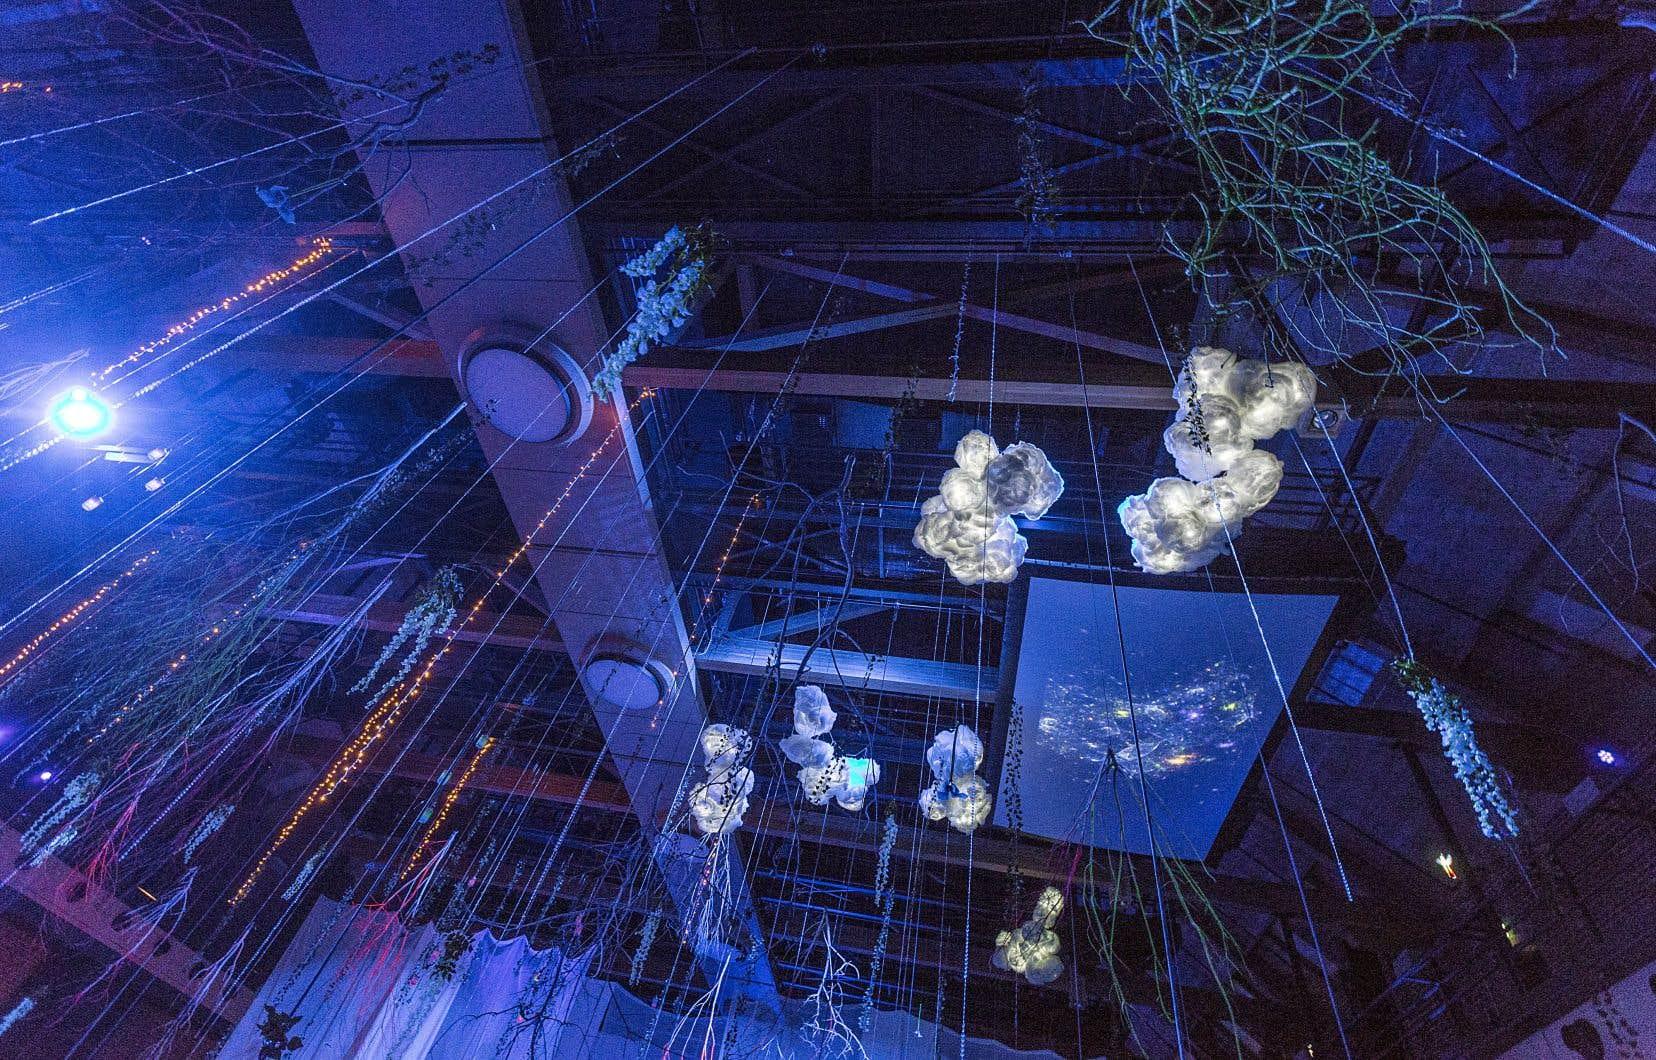 L'évènement «Manège la nuit» utilise pleinement les hauteurs et le volume intérieur exceptionnel duManège militaire de Québec.